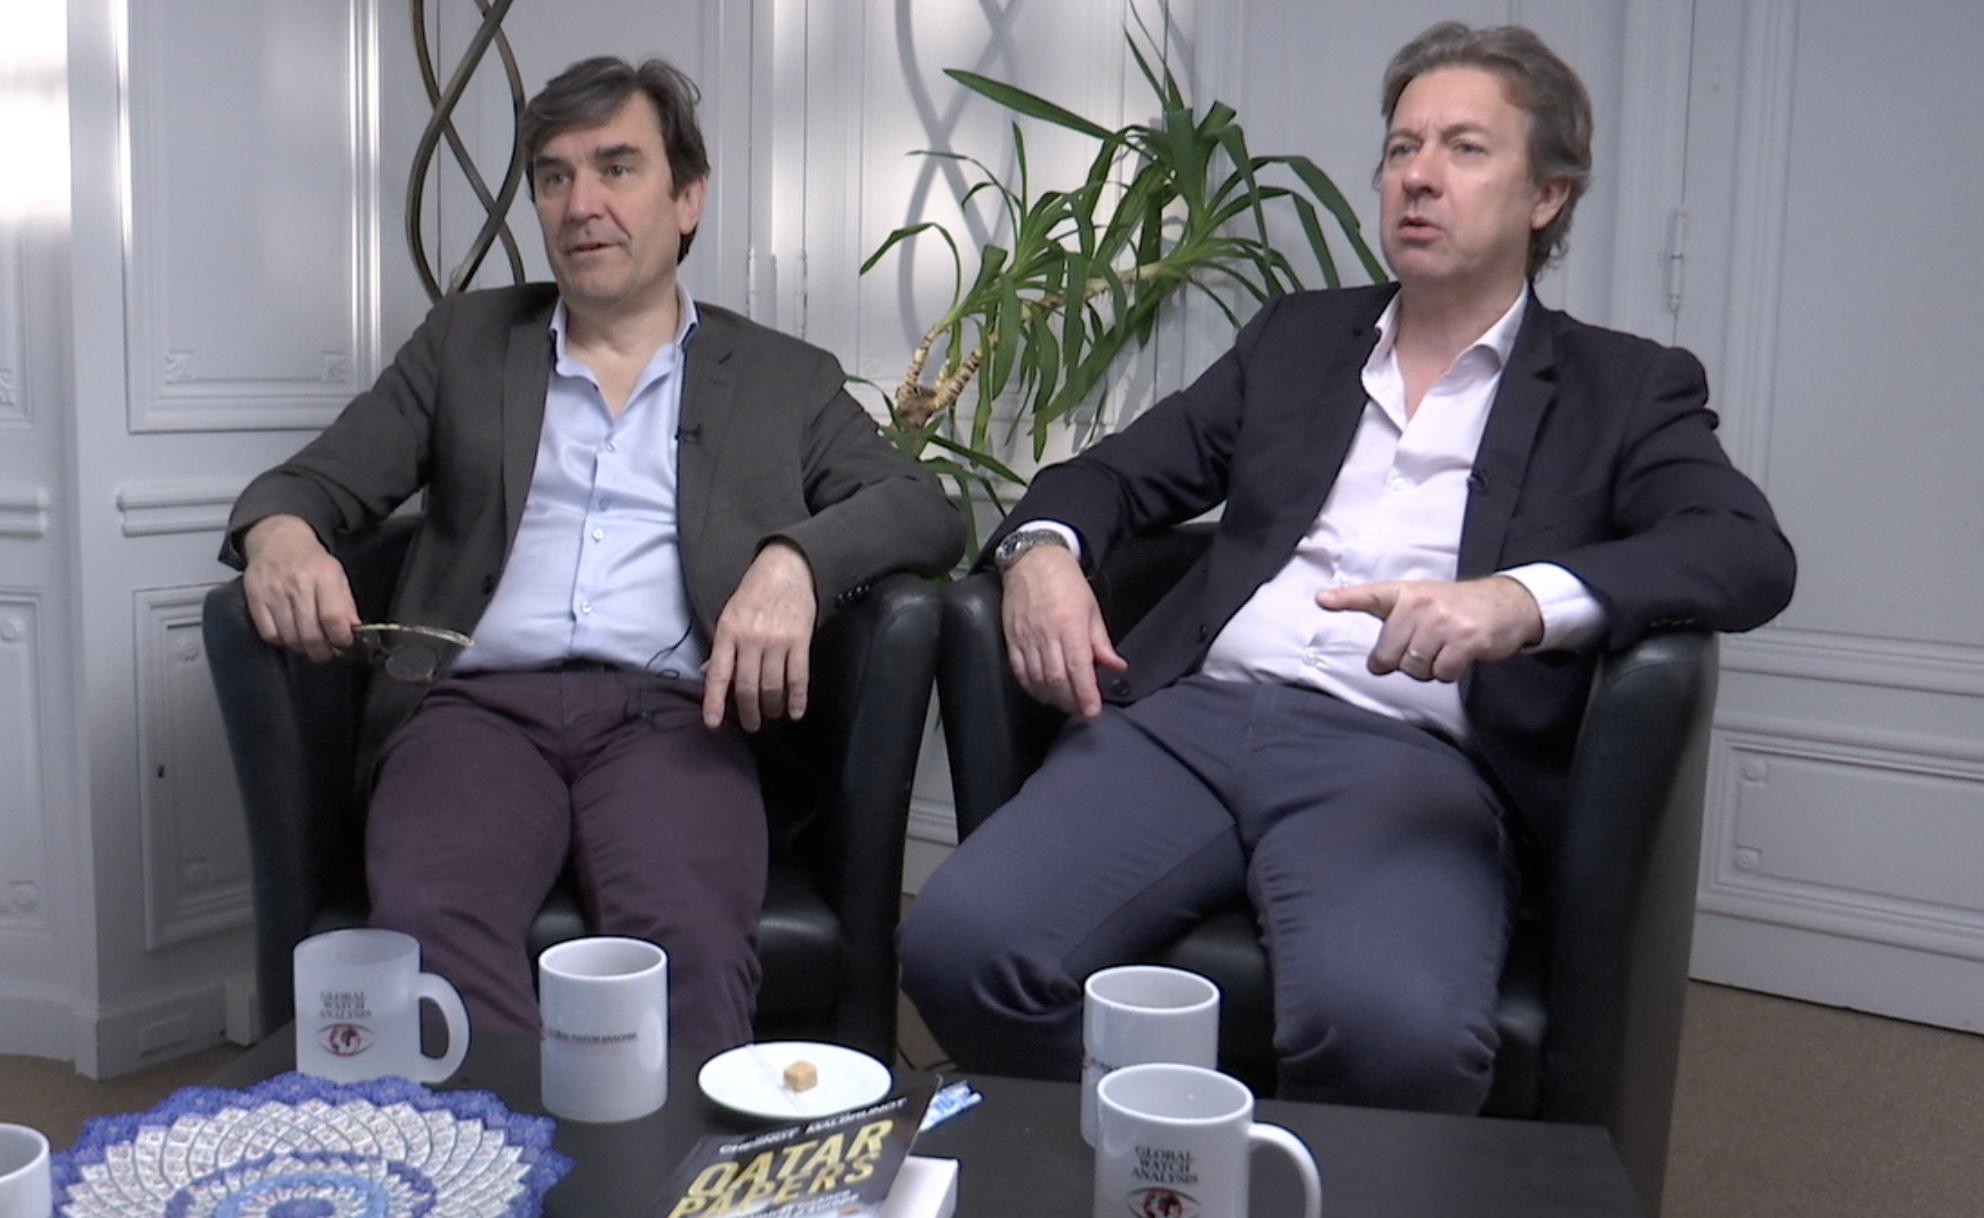 Interview avec Christian Chesnot et Georges Malbrunot, auteurs du livre Qatar Papers